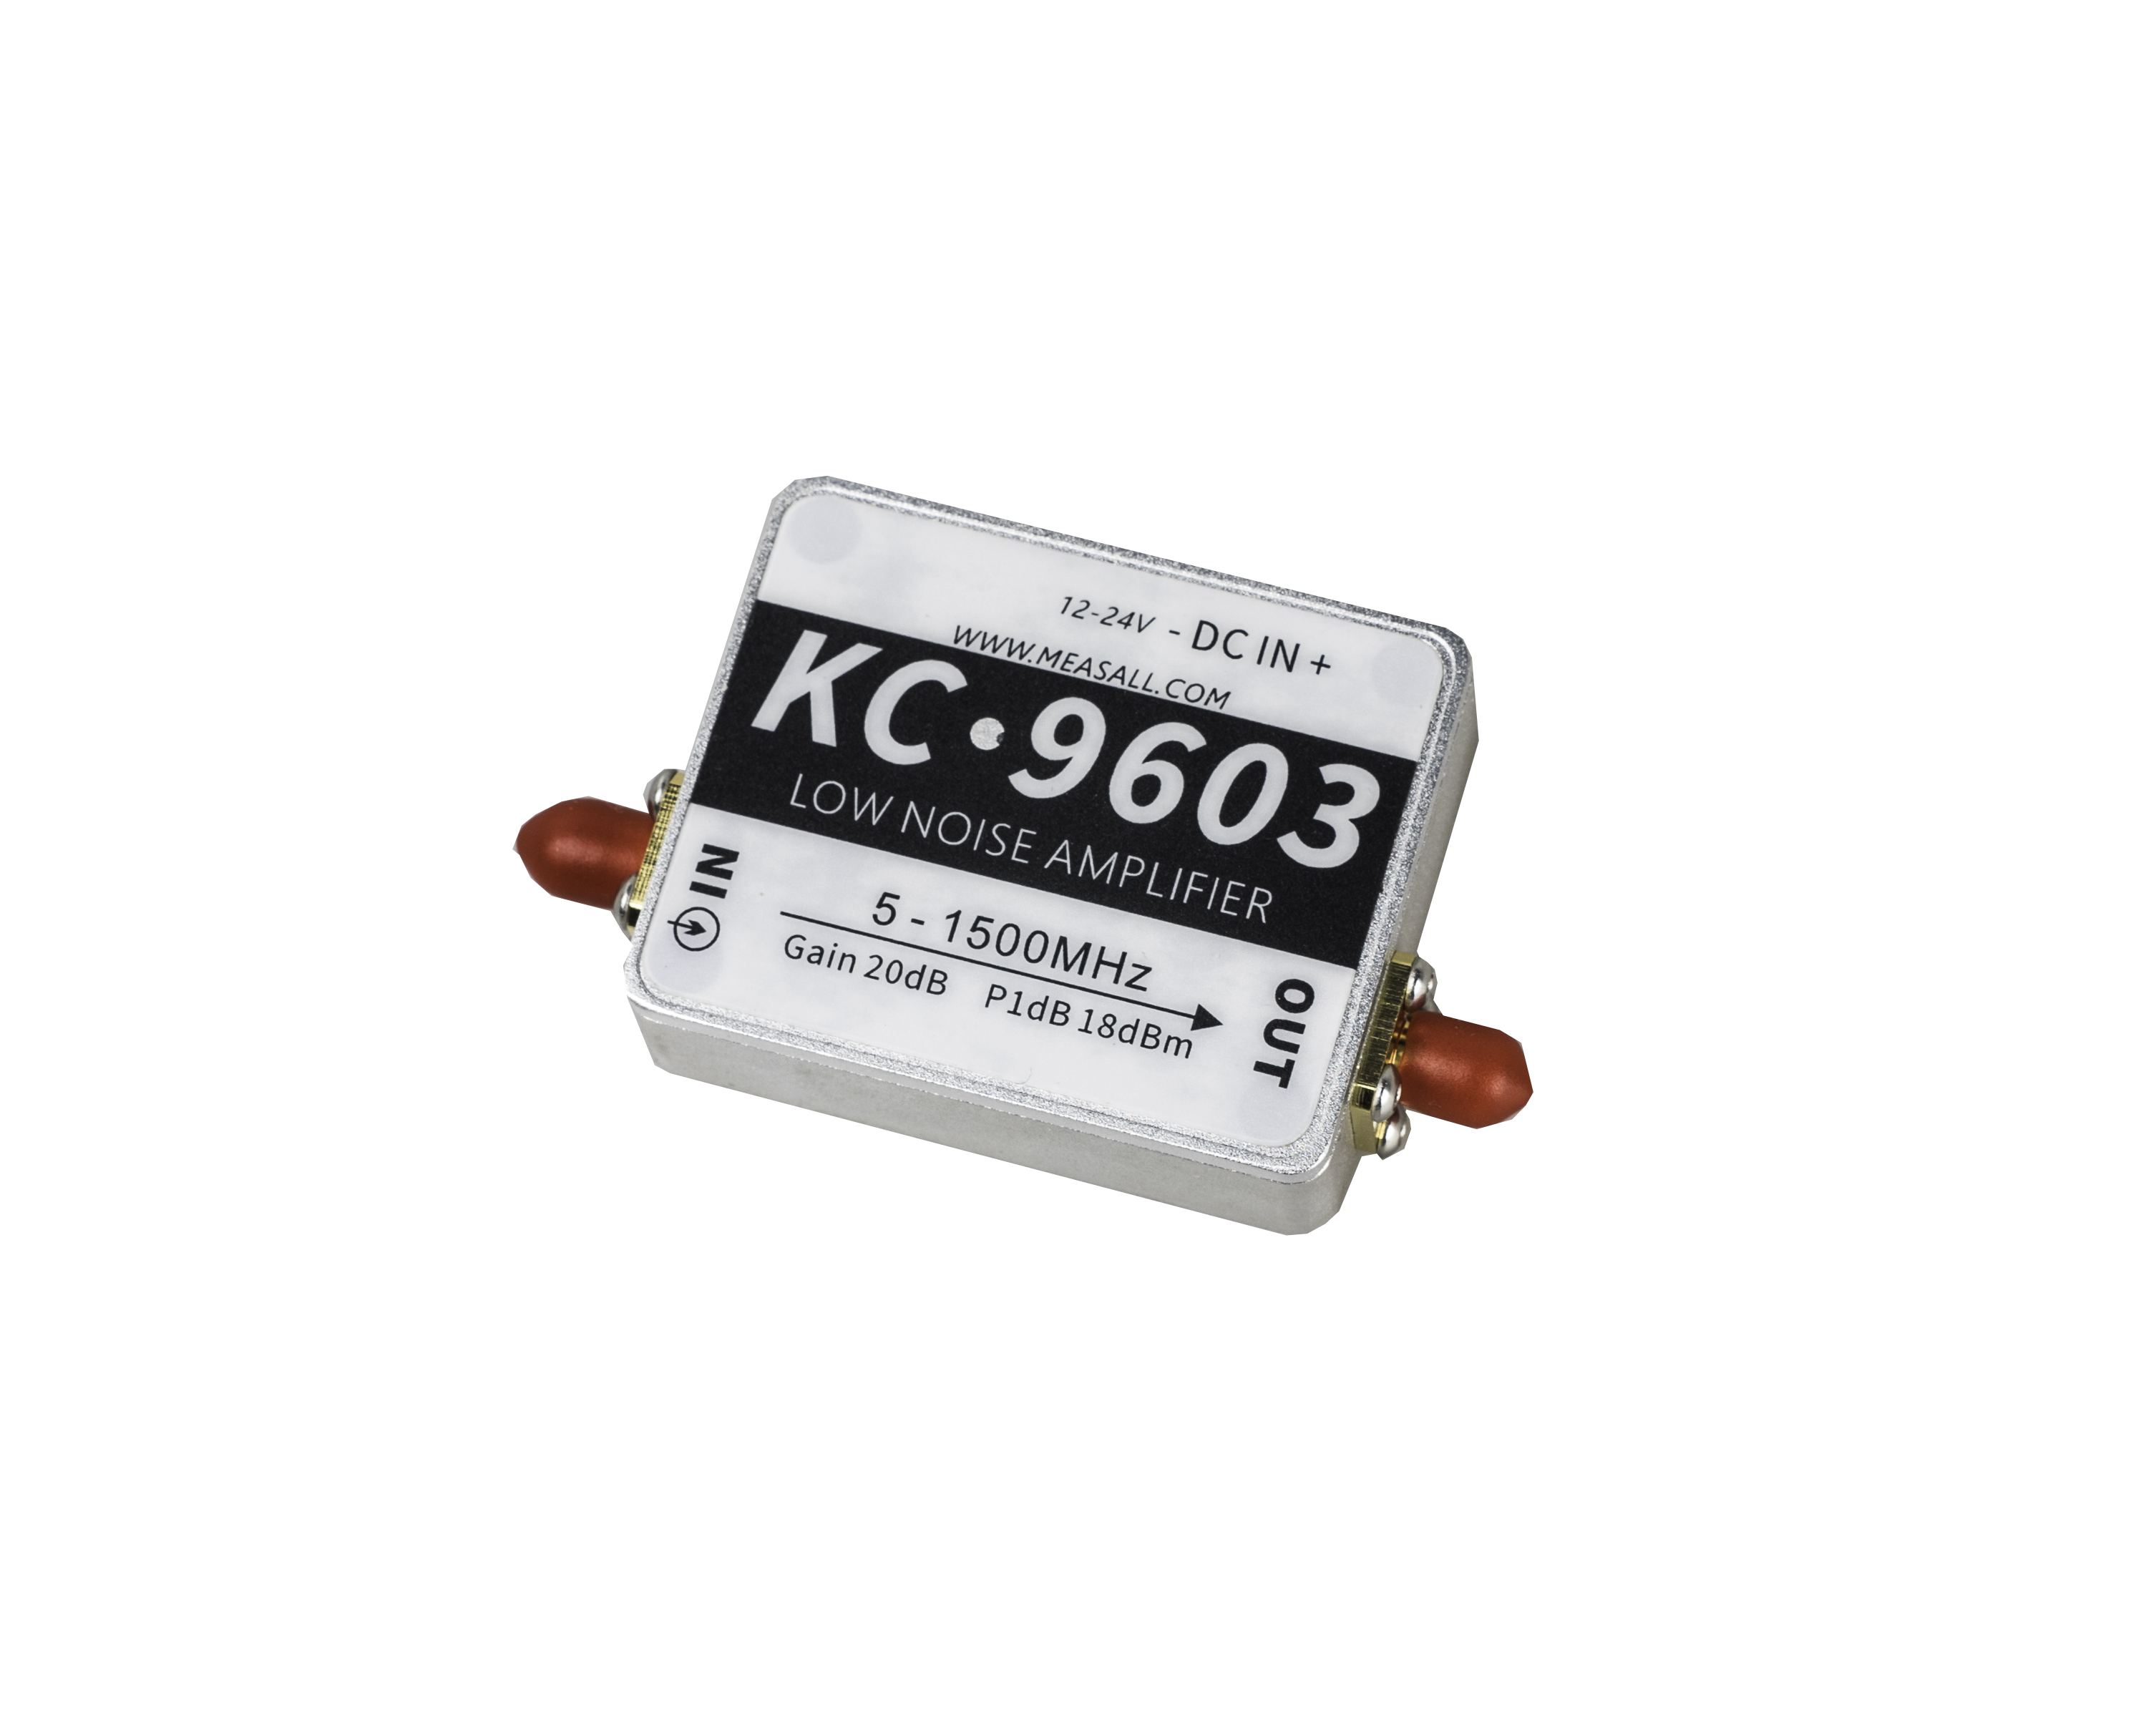 Pour KC9603 1.5G 20dB amplificateur LNA 5 MHz-1500 MHz